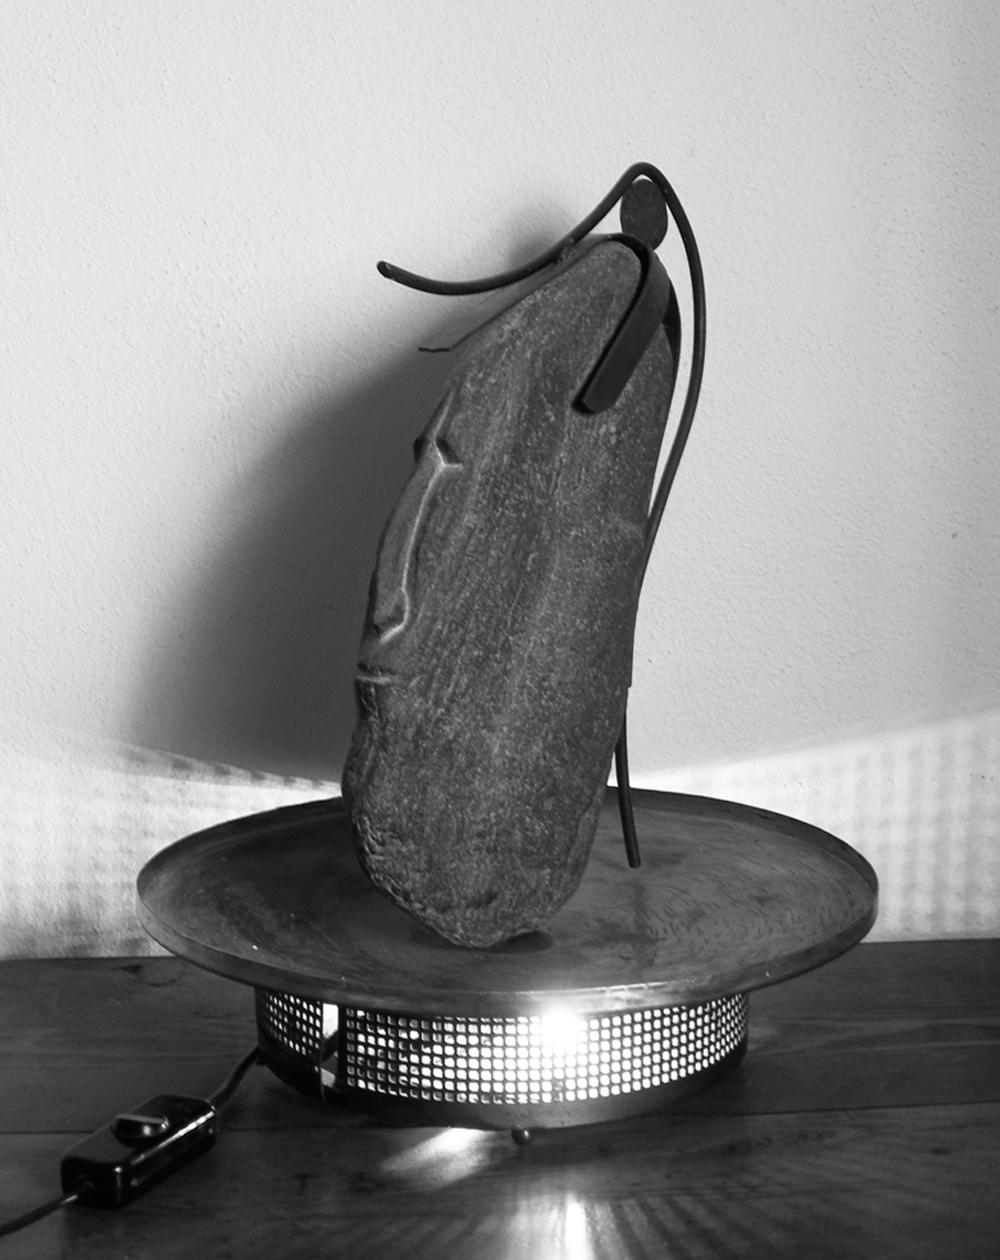 014 - TESTA DI GUERRIERO 1987 - iron/brass/copper lamp  220v  25w 40 x ∅32 cm.